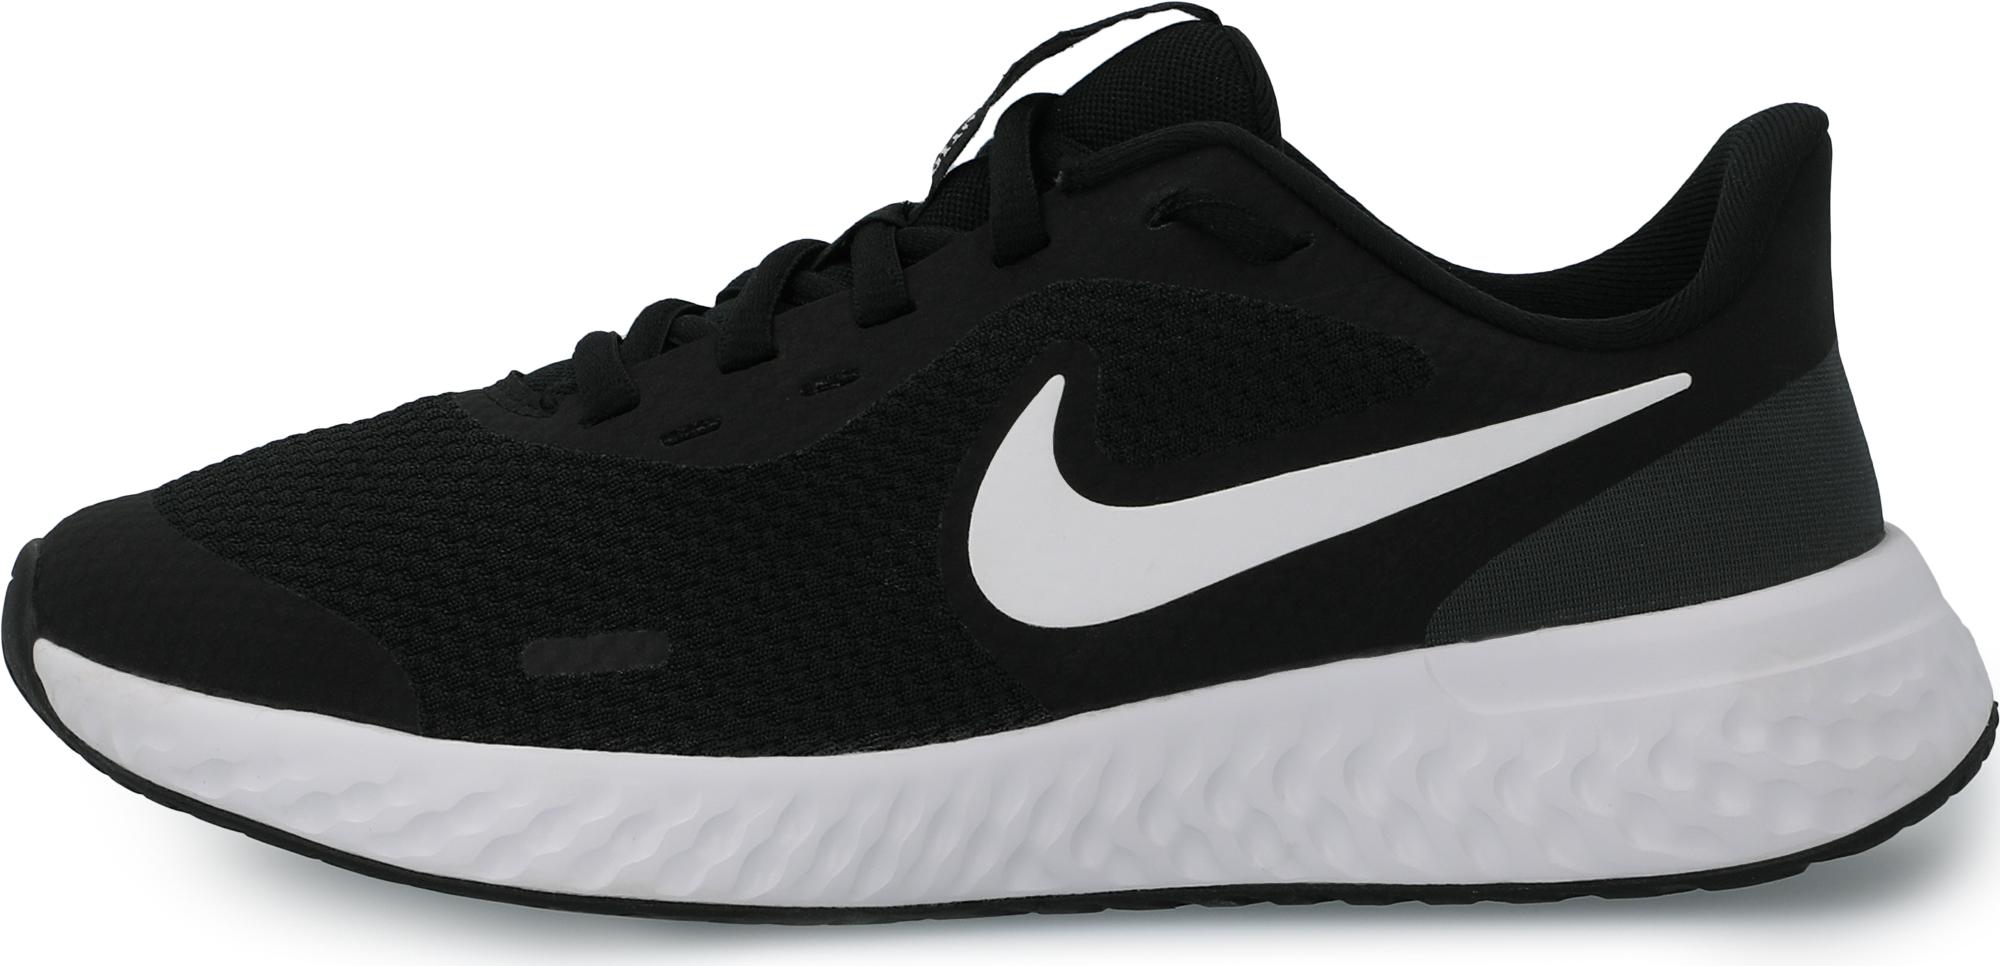 Кроссовки для мальчиков Nike Revolution 5